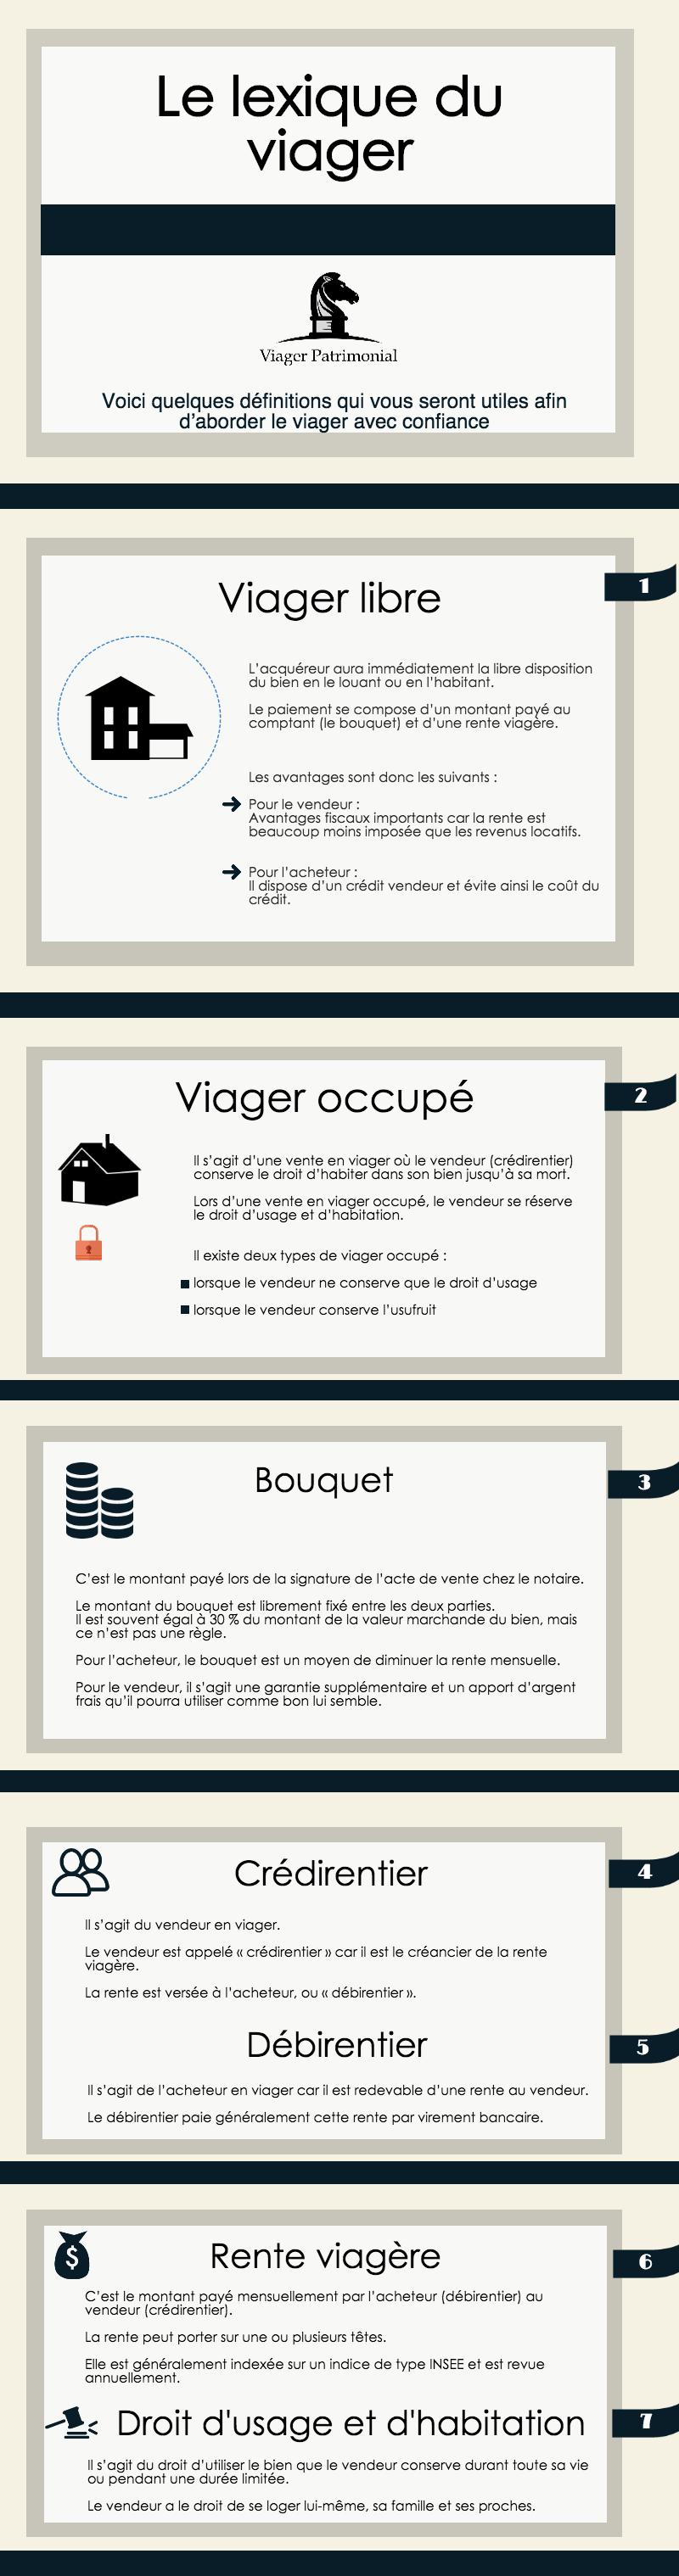 Infographie - Lexique du viager